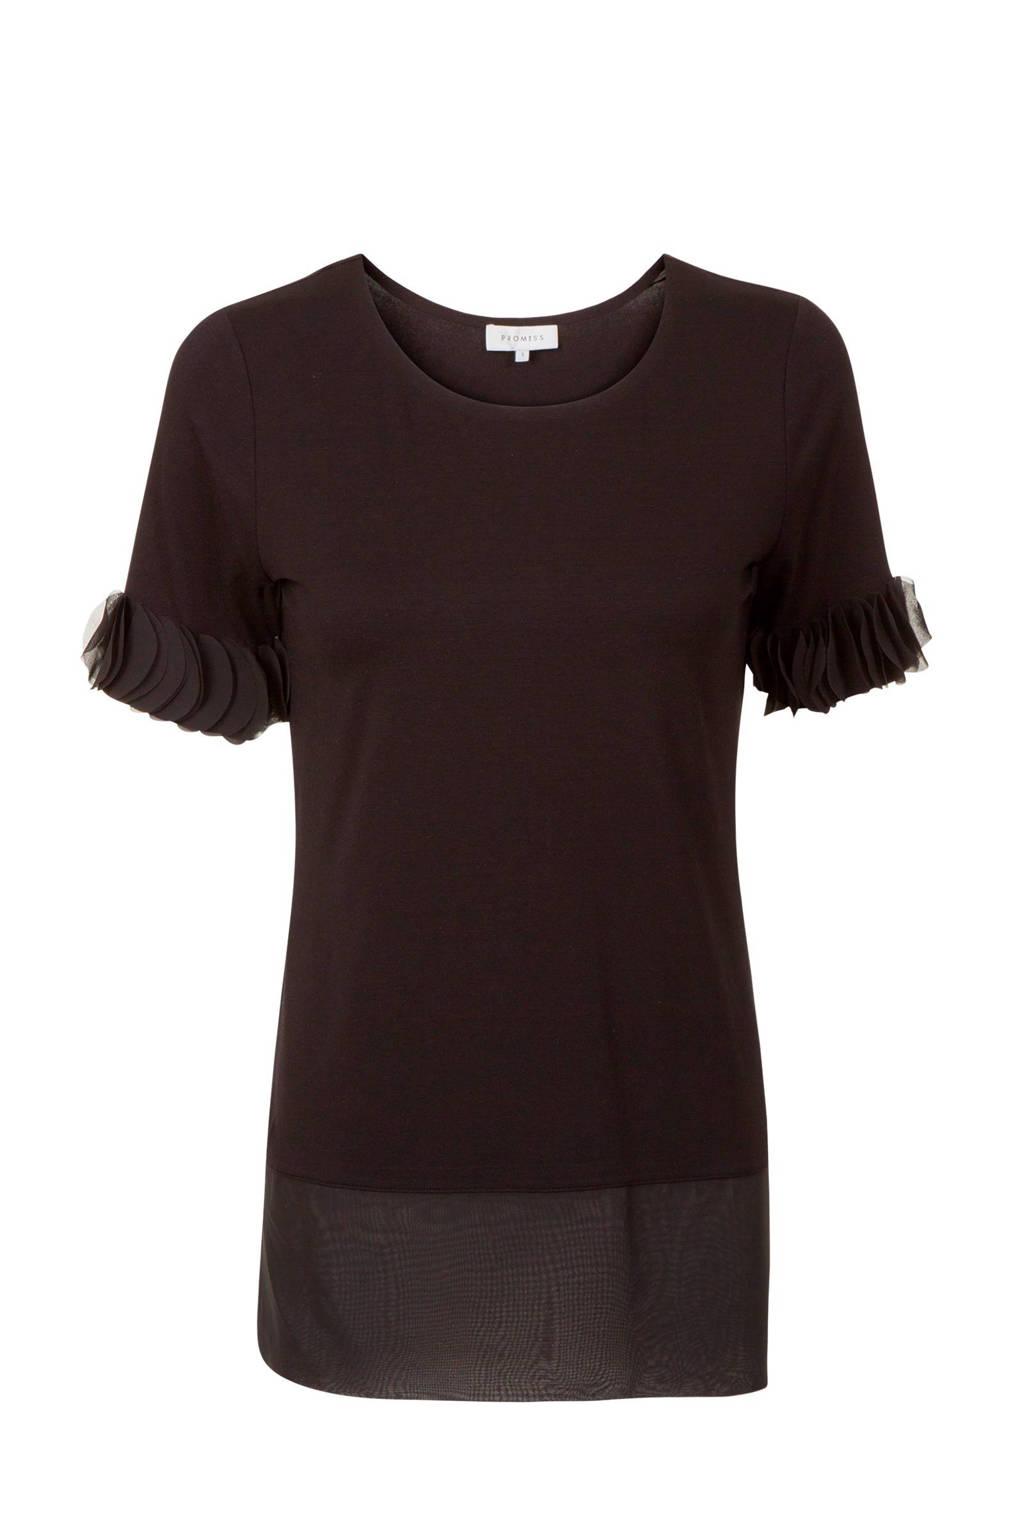 Promiss T-shirt zwart, Zwart